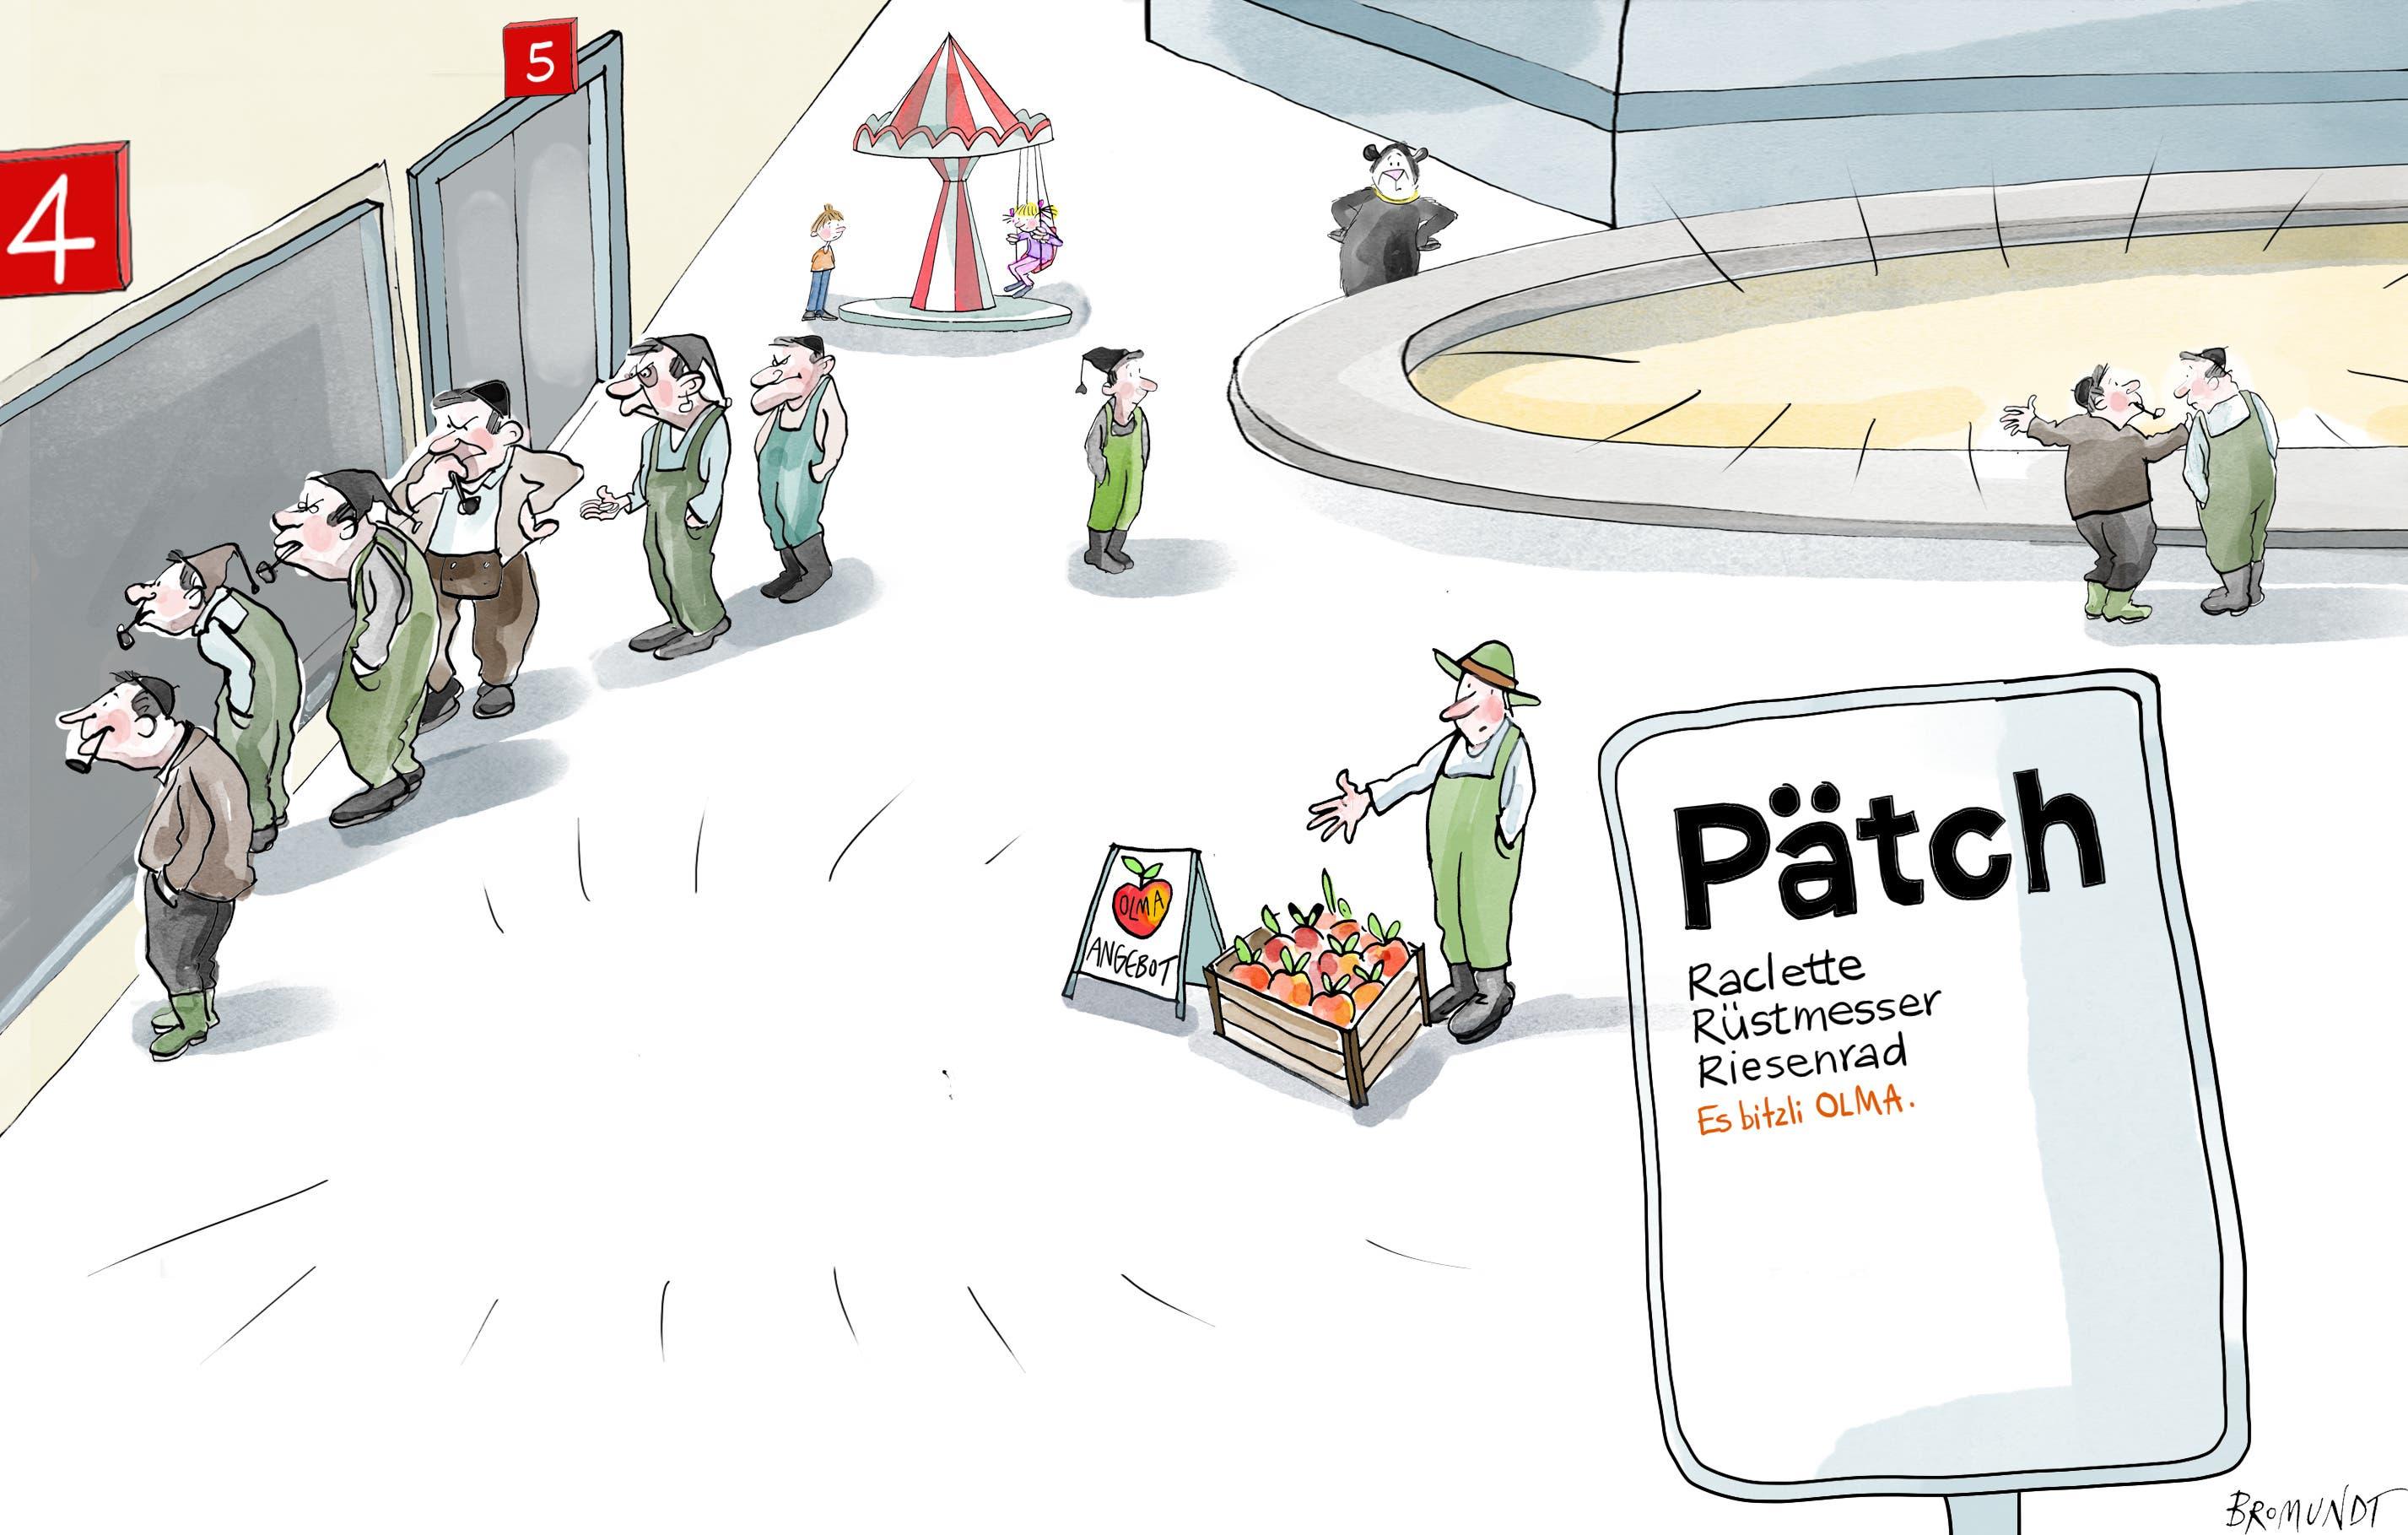 Es bitzli Olma. Keine richtige Olma, nur eine Mini-Ausgabe: Dieses Wochenende öffnet die «Pätch» die Tore. 5000 Eintritte pro Tag und 150 Aussteller gibt es. Aber keine Kühe im Stall, kein Säulirennen und keine Degustationshallen 4 und 5. Manch ein Landwirt aus der Region fragt sich deshalb, wofür er nach St.Gallen kommen soll. (Illustration: Corinne Bromundt – 10. Oktober 2020)